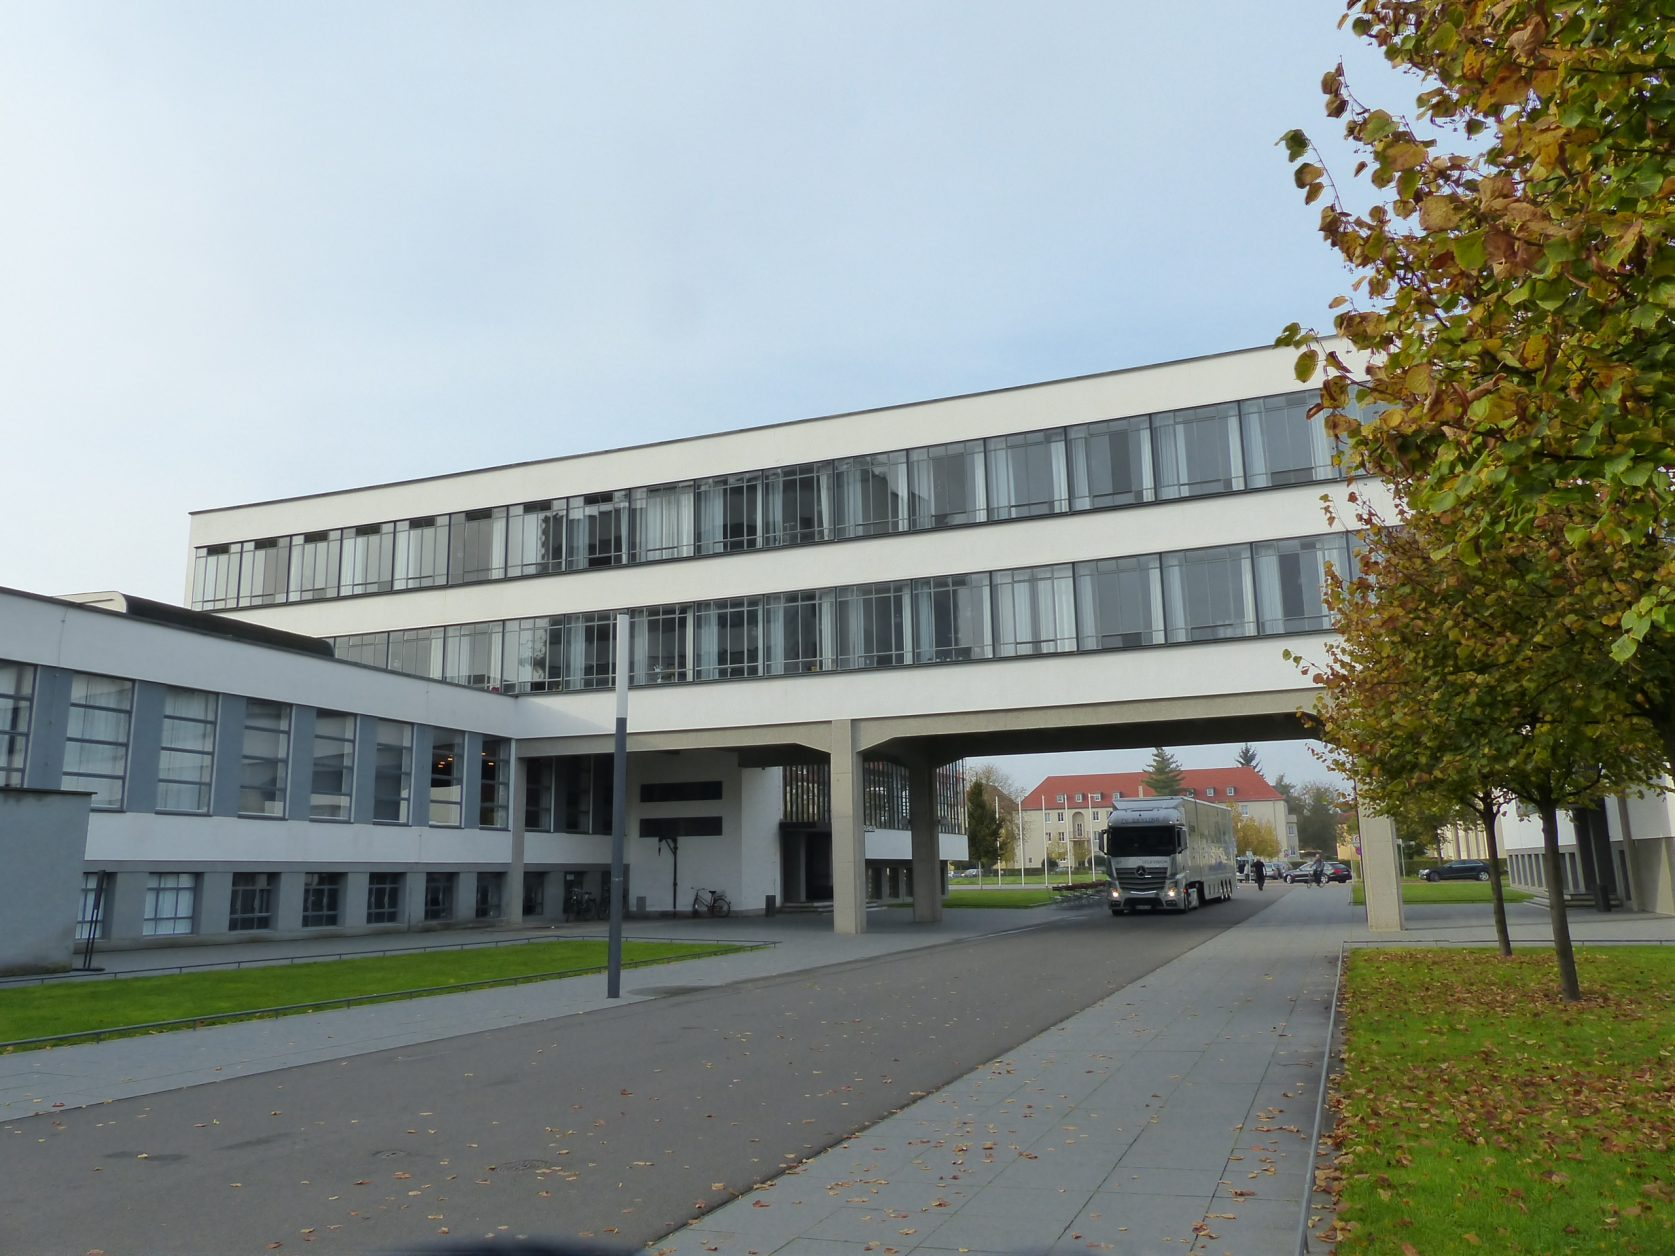 Blick auf einen Teil des Bauhauses in Dessau, Foto: Weirauch